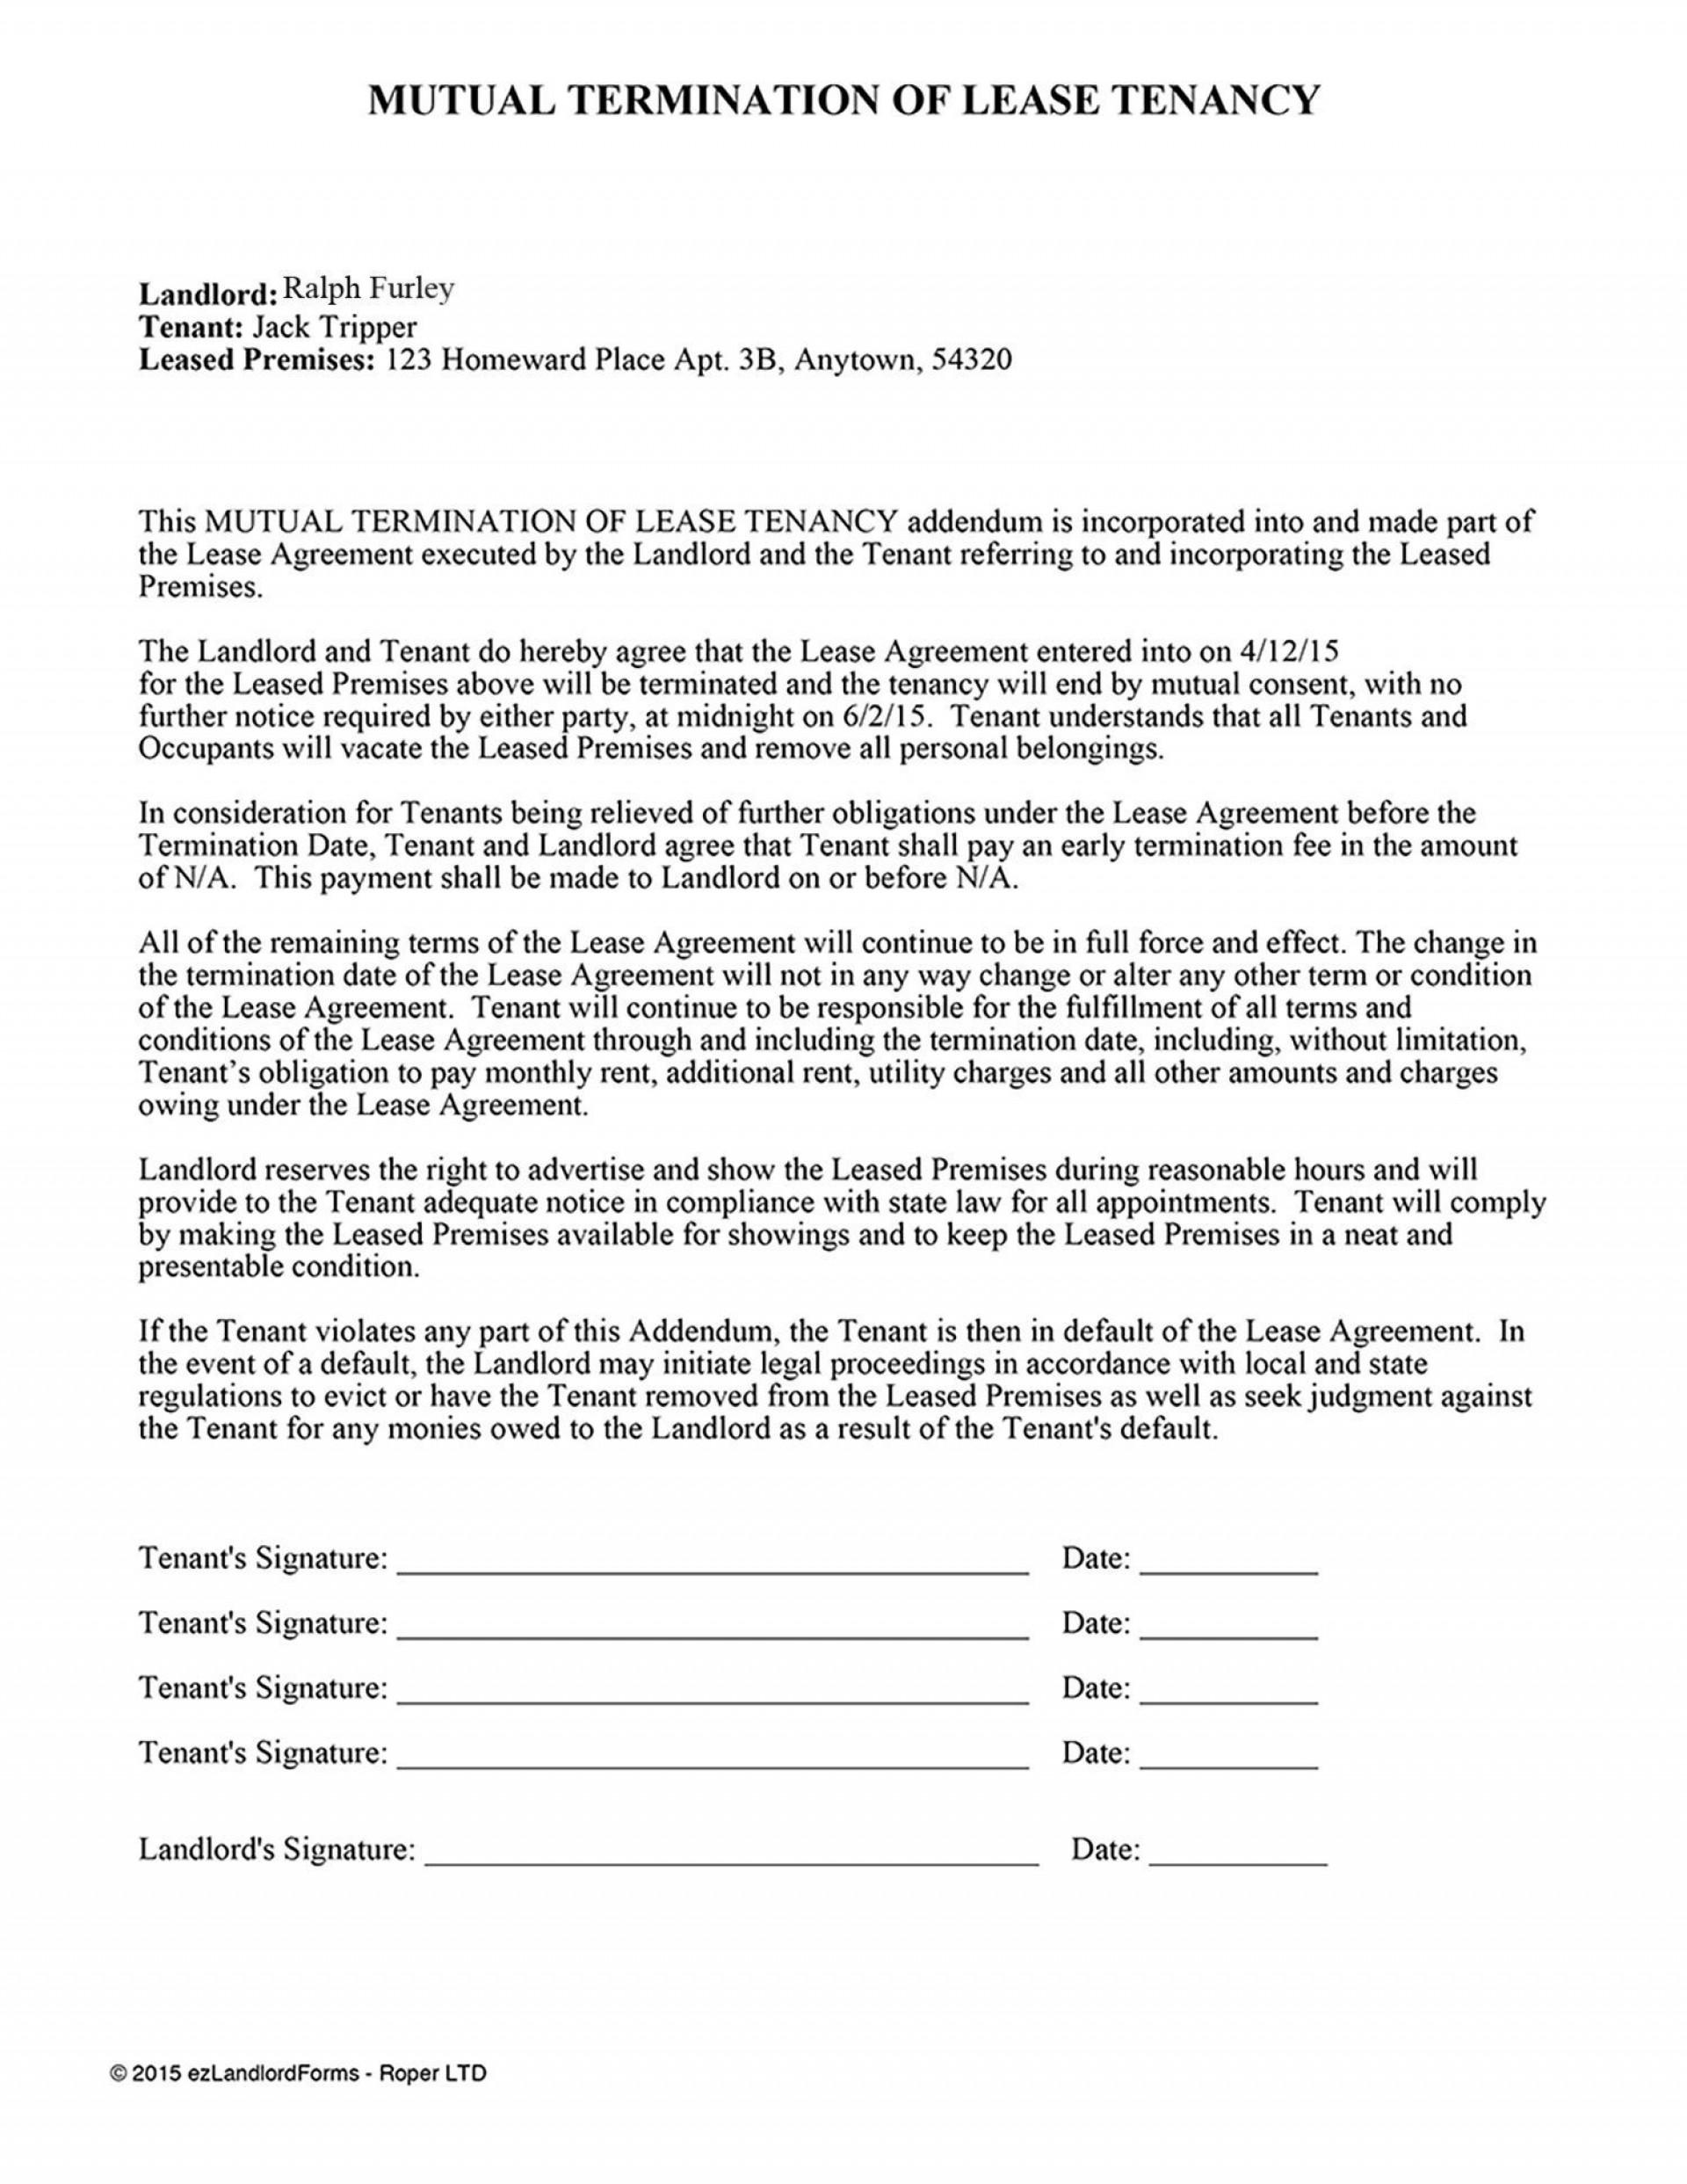 005 Unforgettable Addendum Form For Rental Agreement Photo 1920